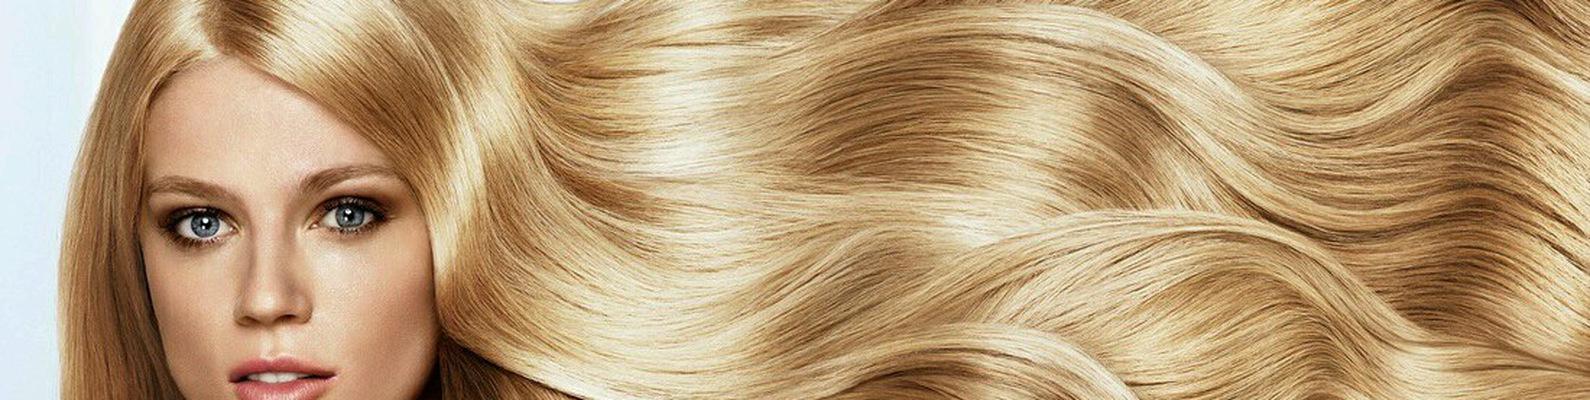 картинки наращивание волос для рекламы схеме указаны прямые